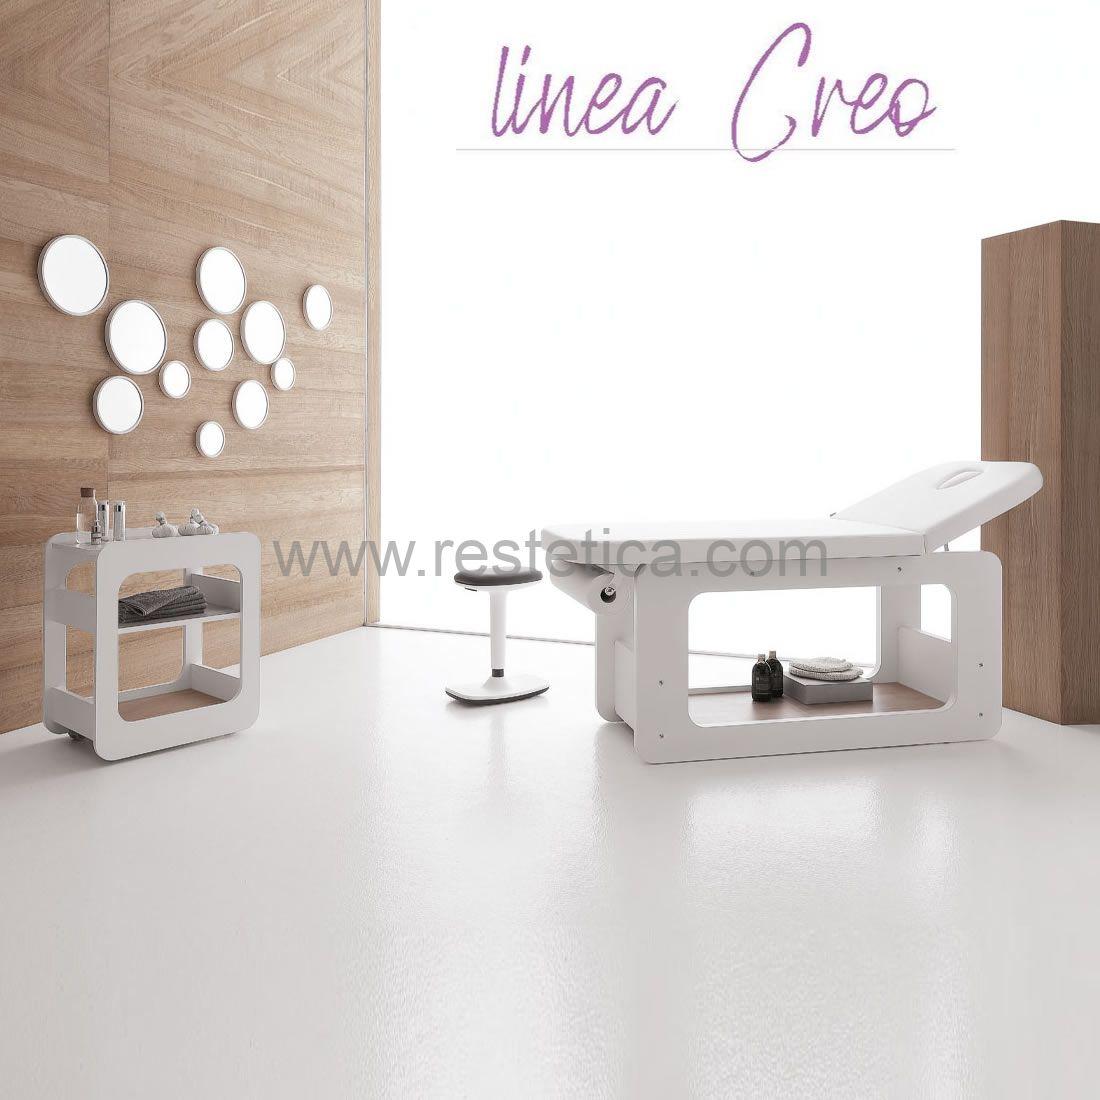 Cabina completa per trattamenti estetici Linea CREO by Vismara